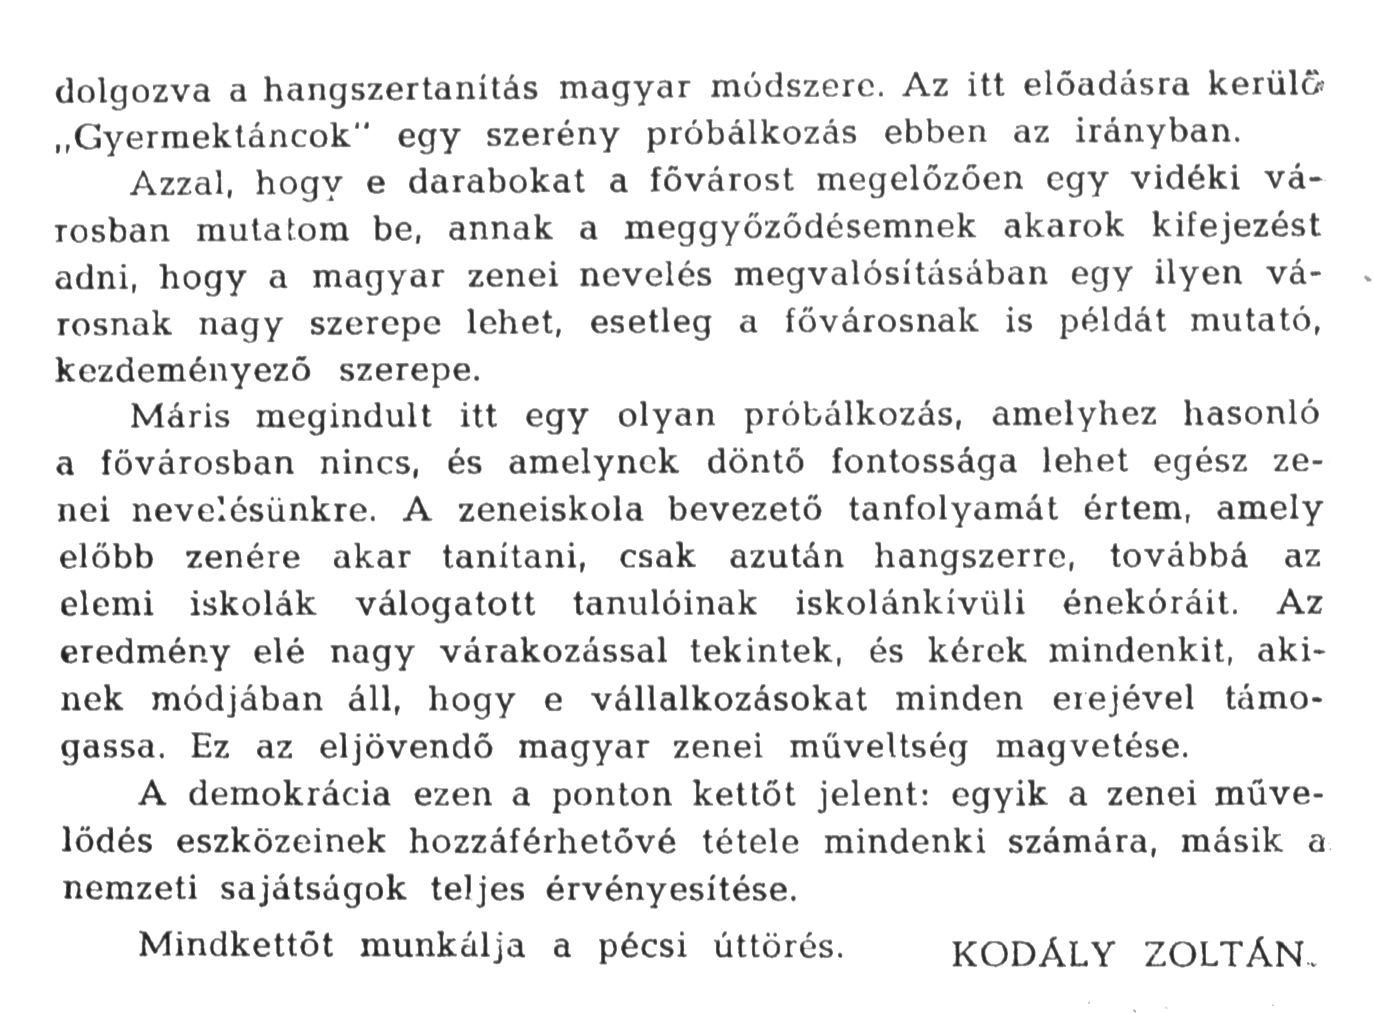 Részlet Kodály Zoltán pécsi beszédéből